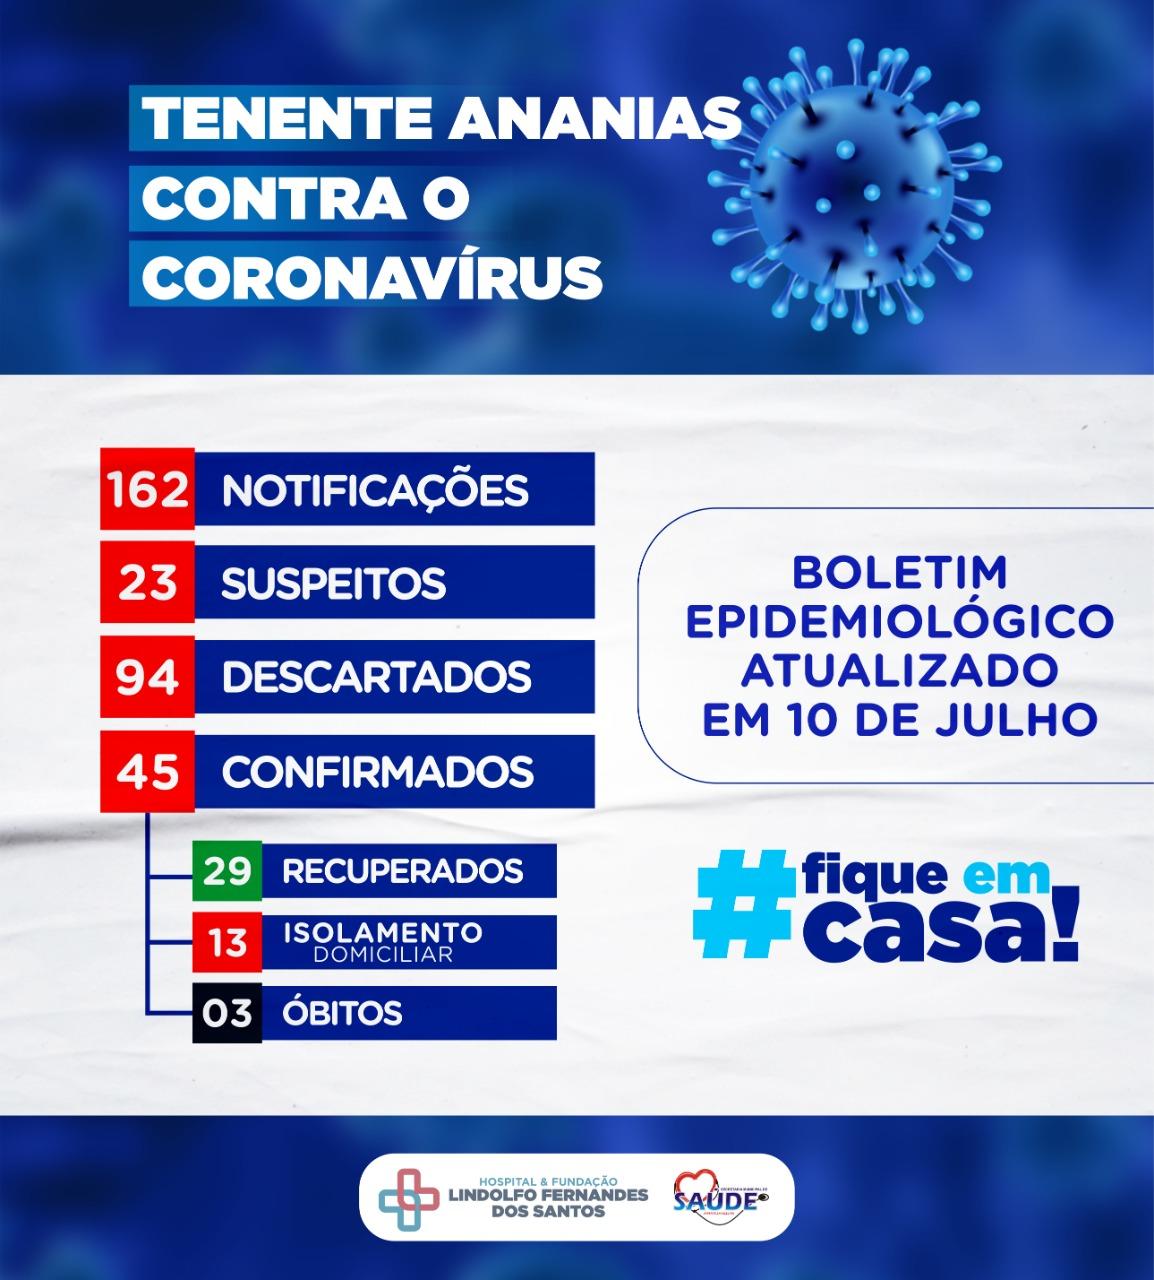 Boletim Epidemiológico, atualizado em 10 de julho de 2020